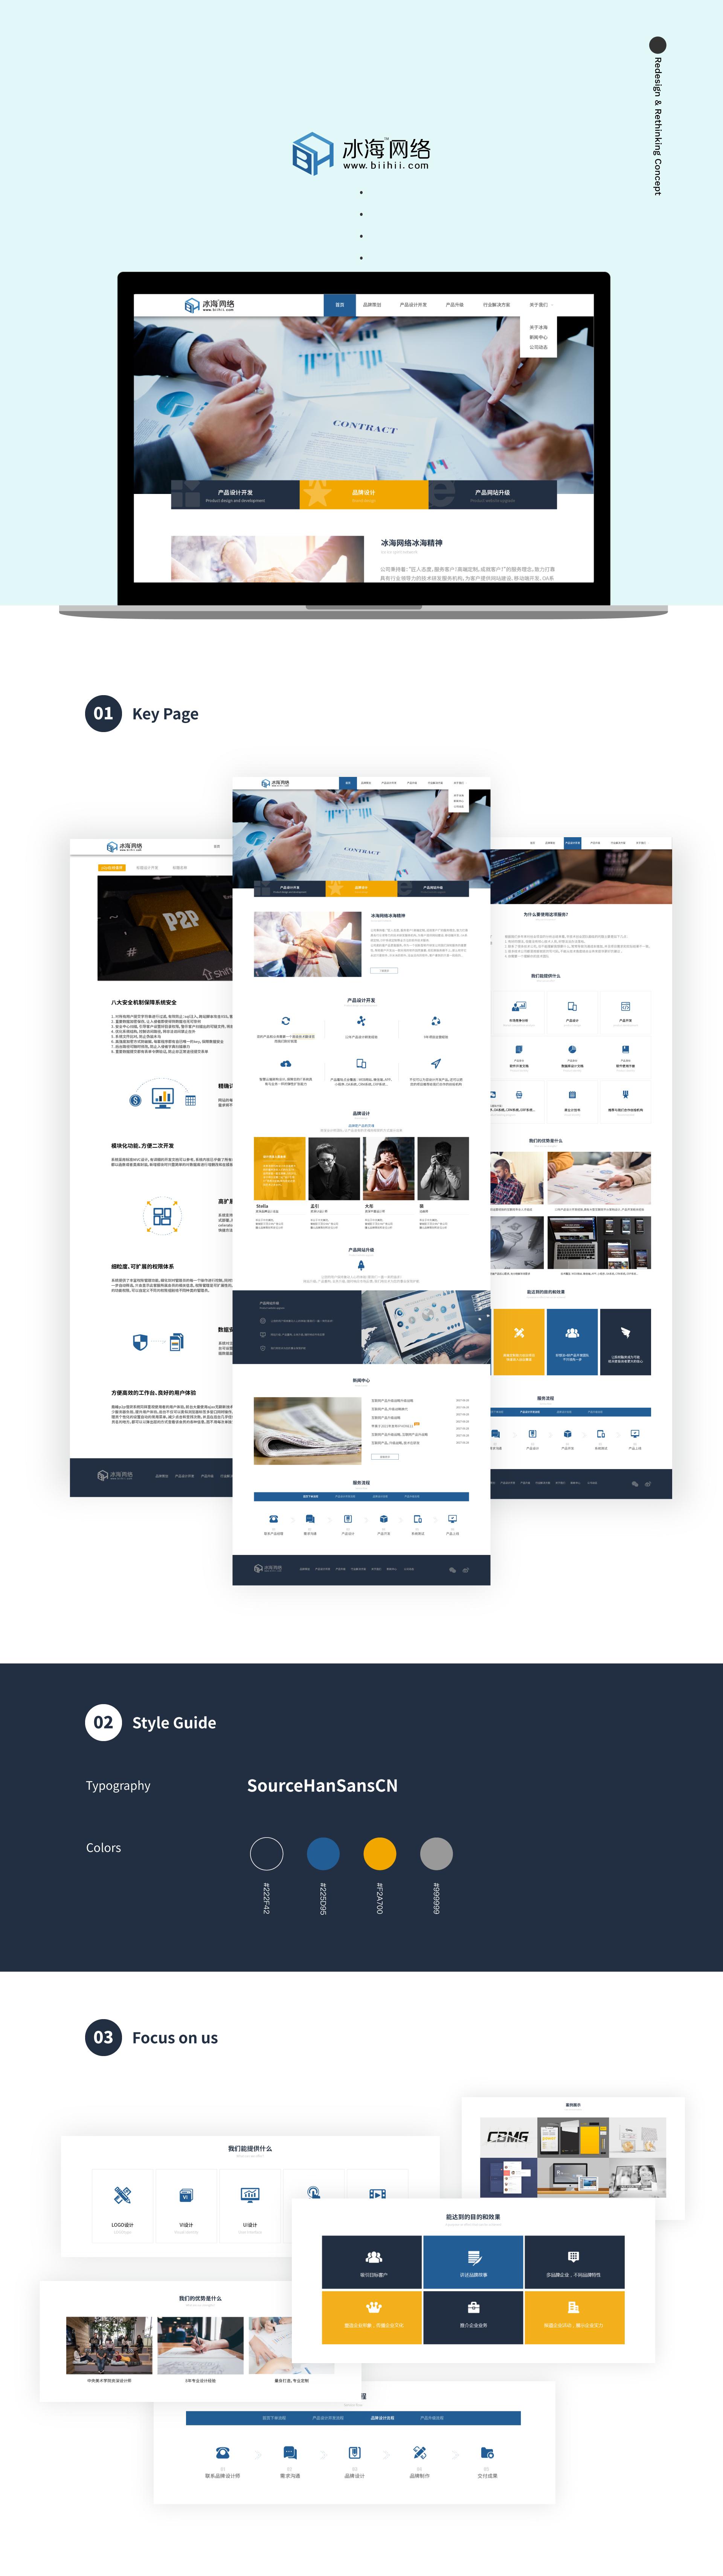 冰海网络企业官网UI设计